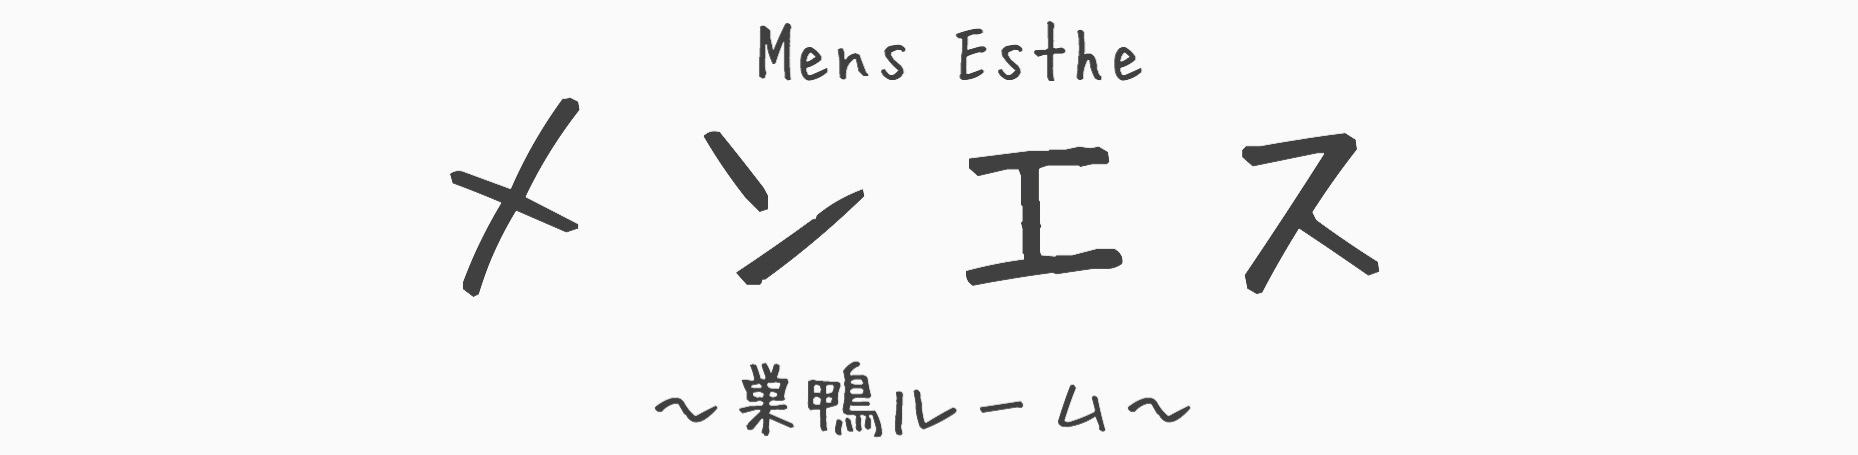 巣鴨メンズエステ『メンエス〜巣鴨ルーム〜』